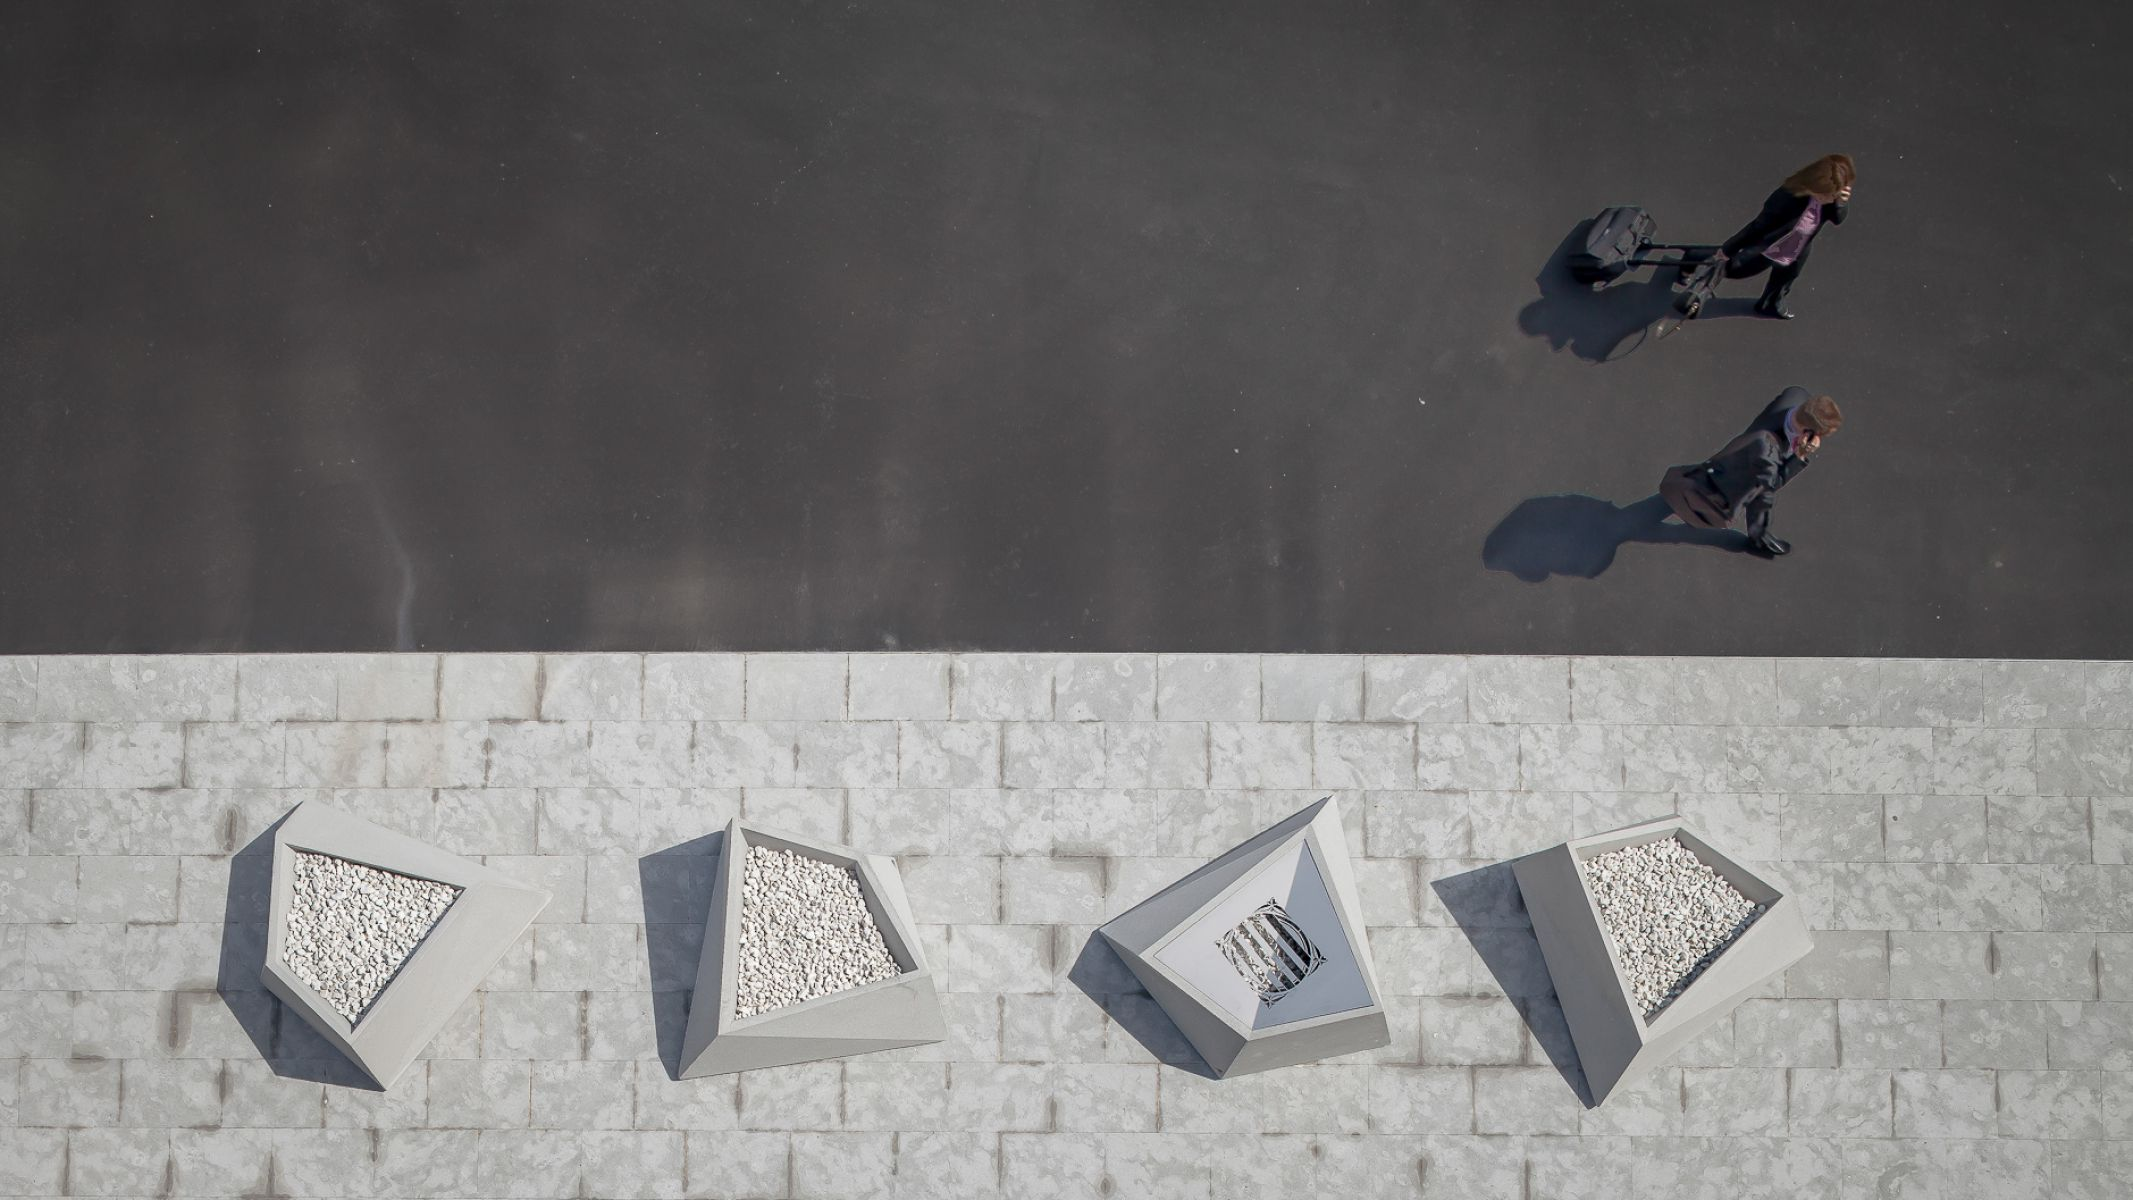 Roc zitelement als vrijstaande sculpturen